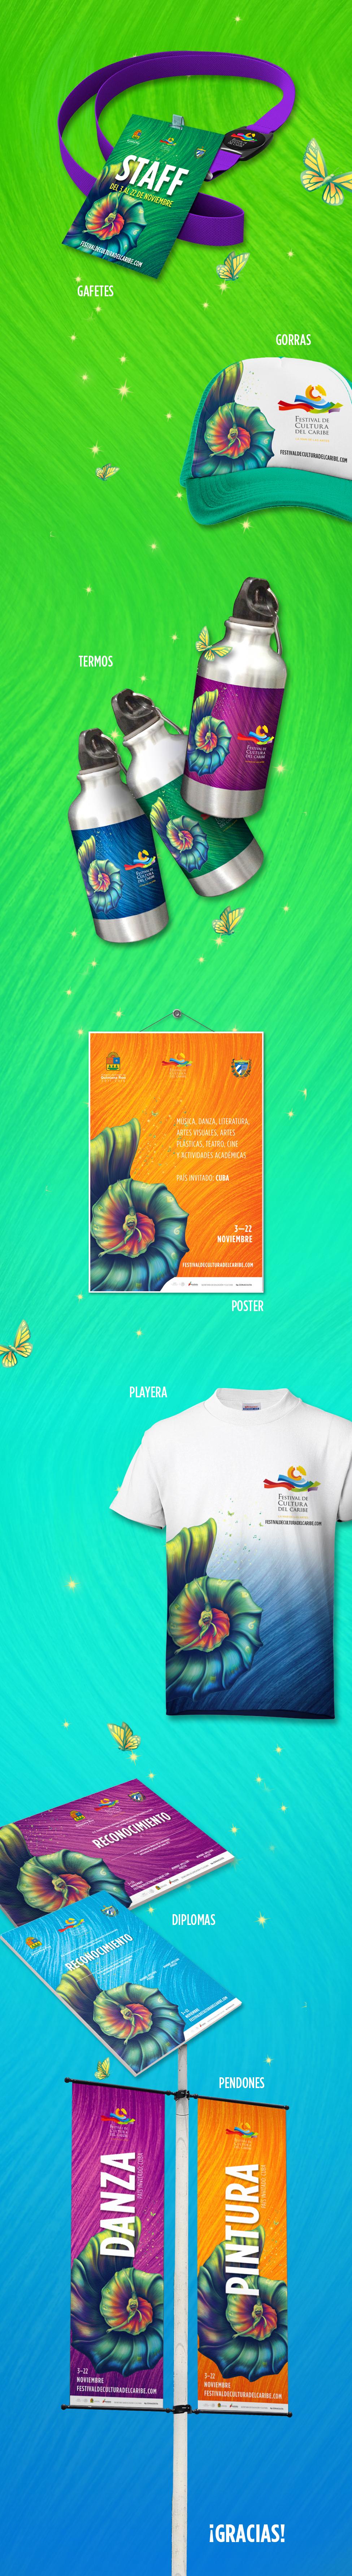 Designs - FECUCA